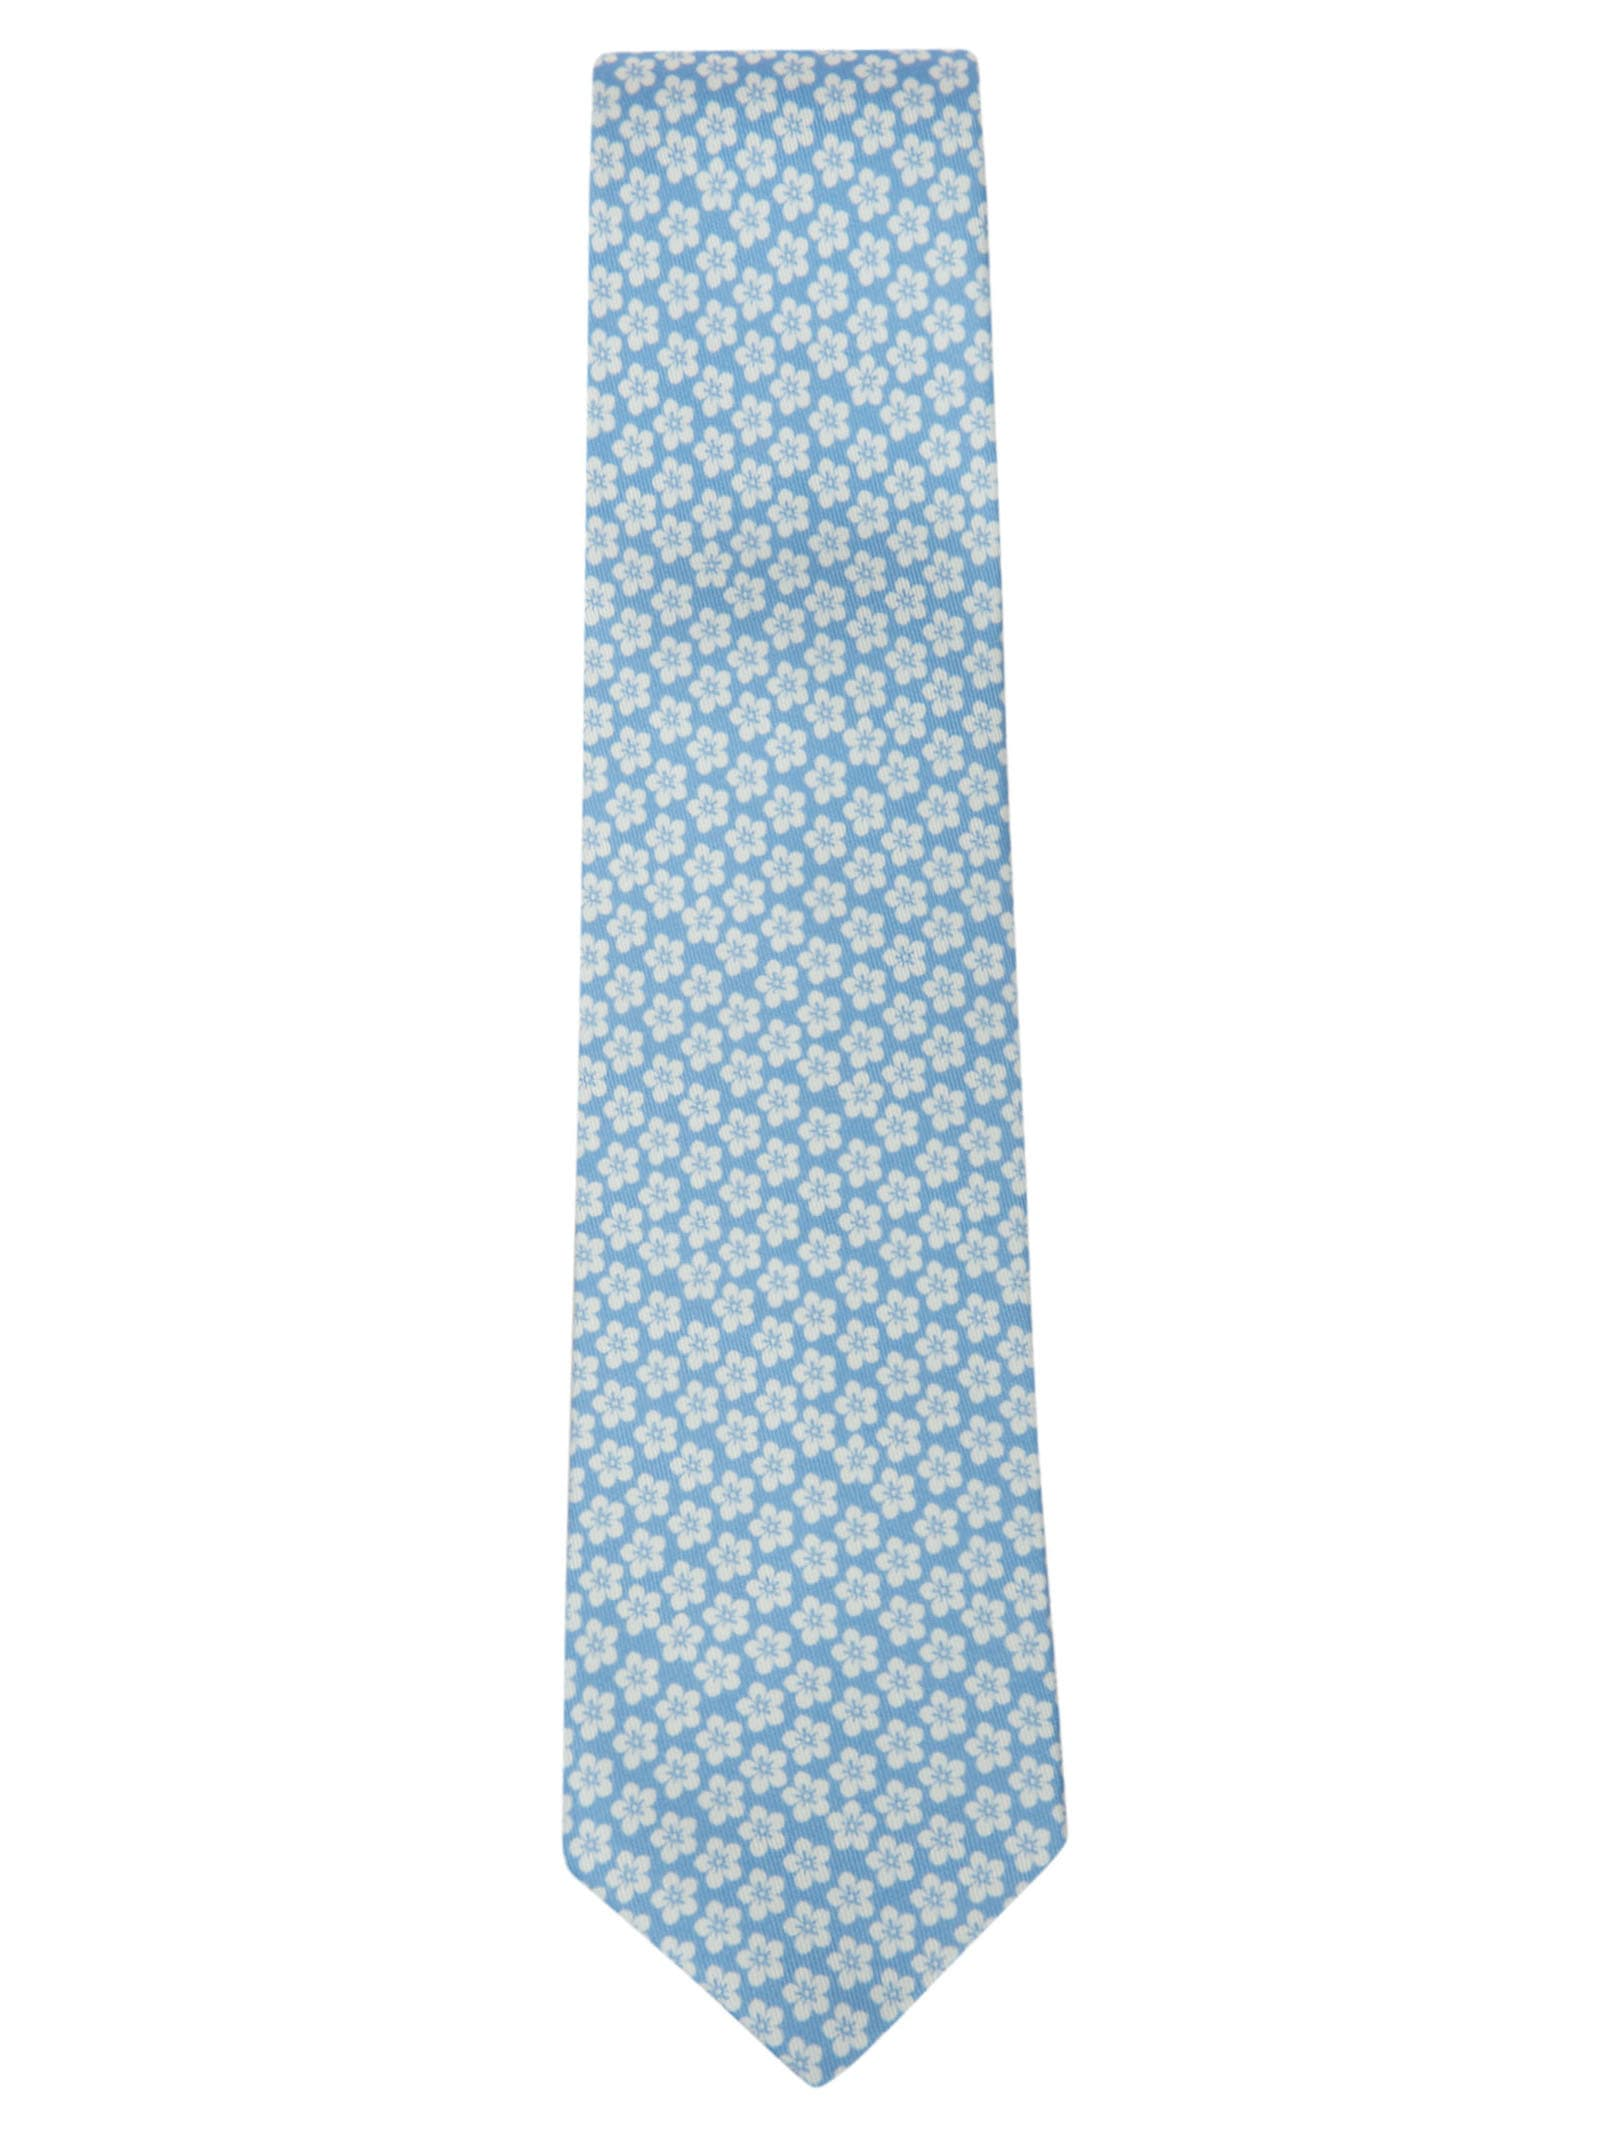 Floral Motif Print Neck Tie